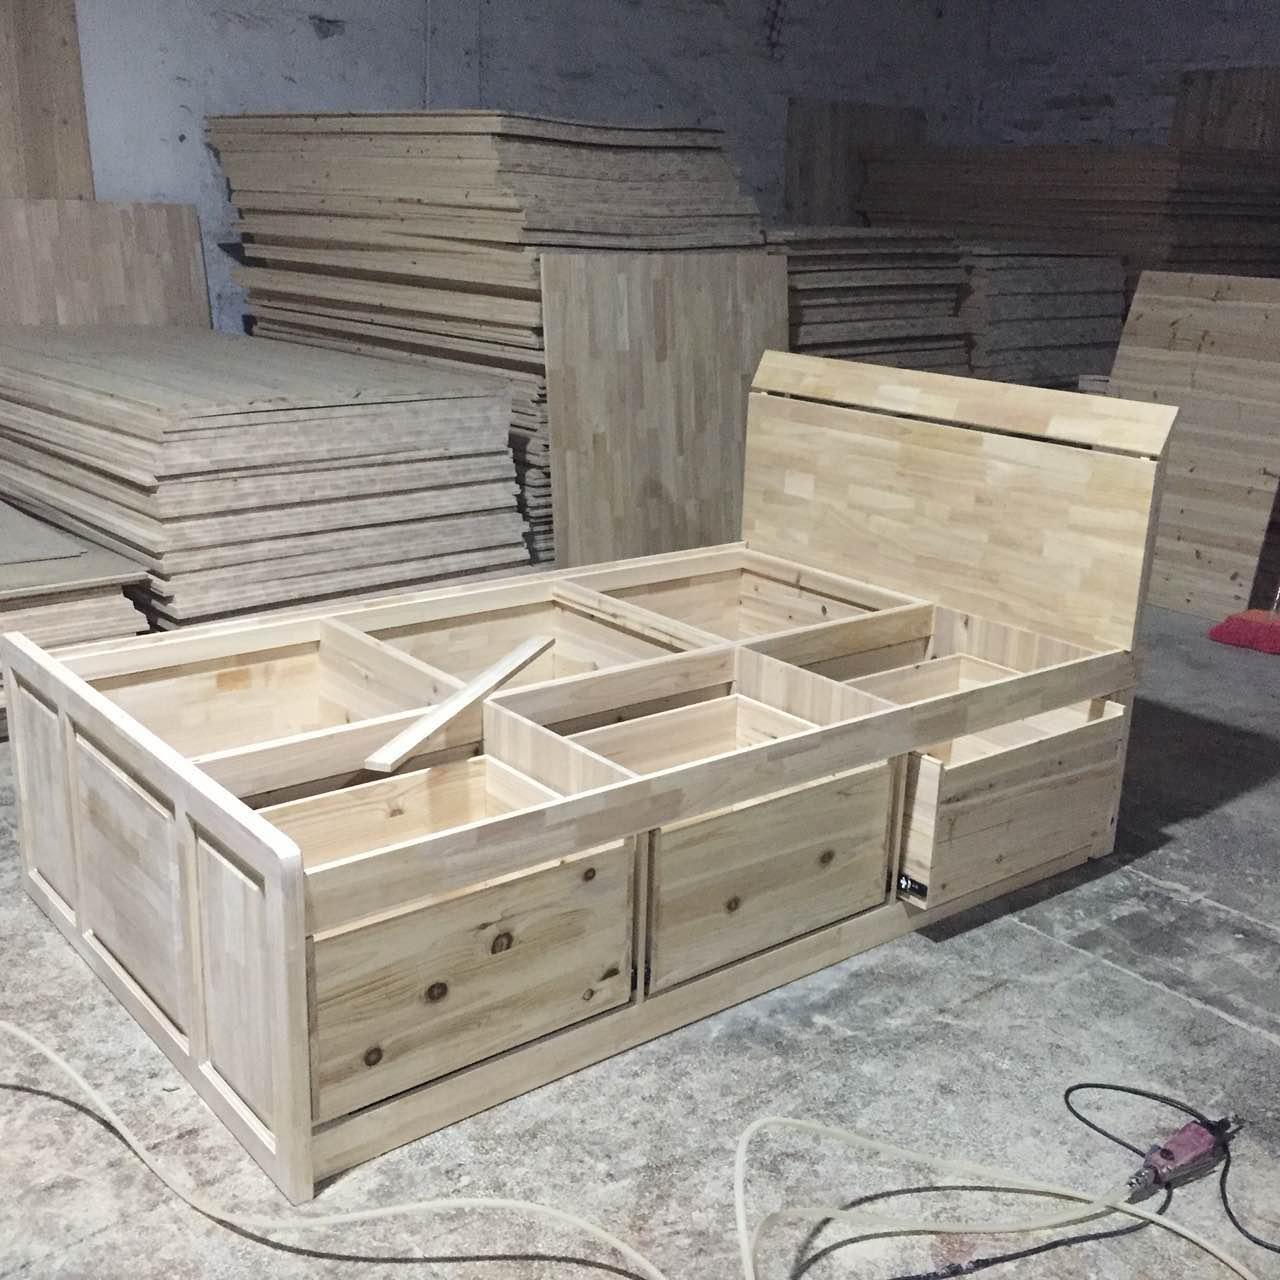 广州市家具可以厂家适当家具樟木用吗一些做香定做?图片